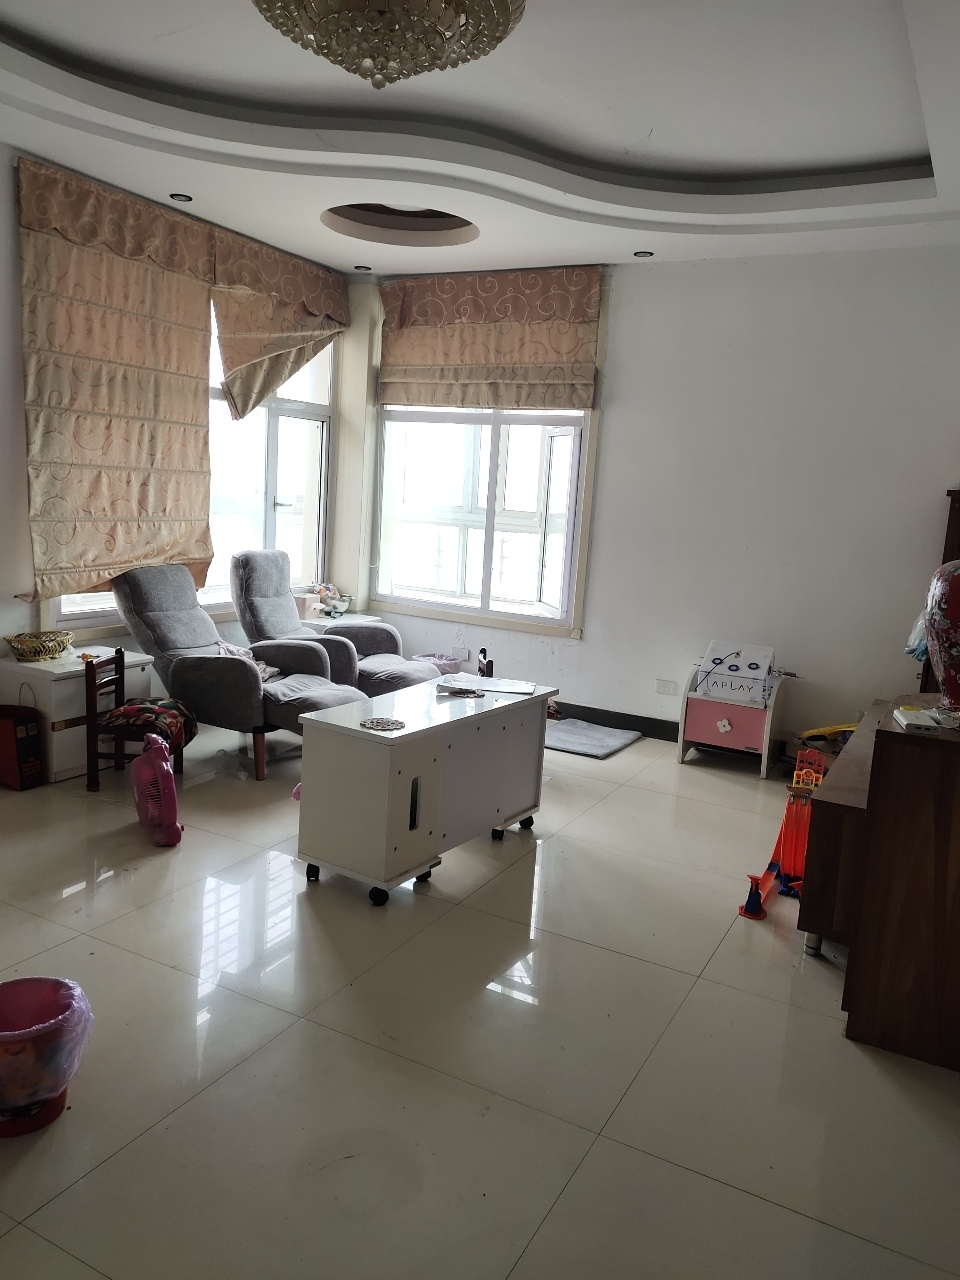 滨江一期楼梯房5楼3室2厅2卫精装69万元